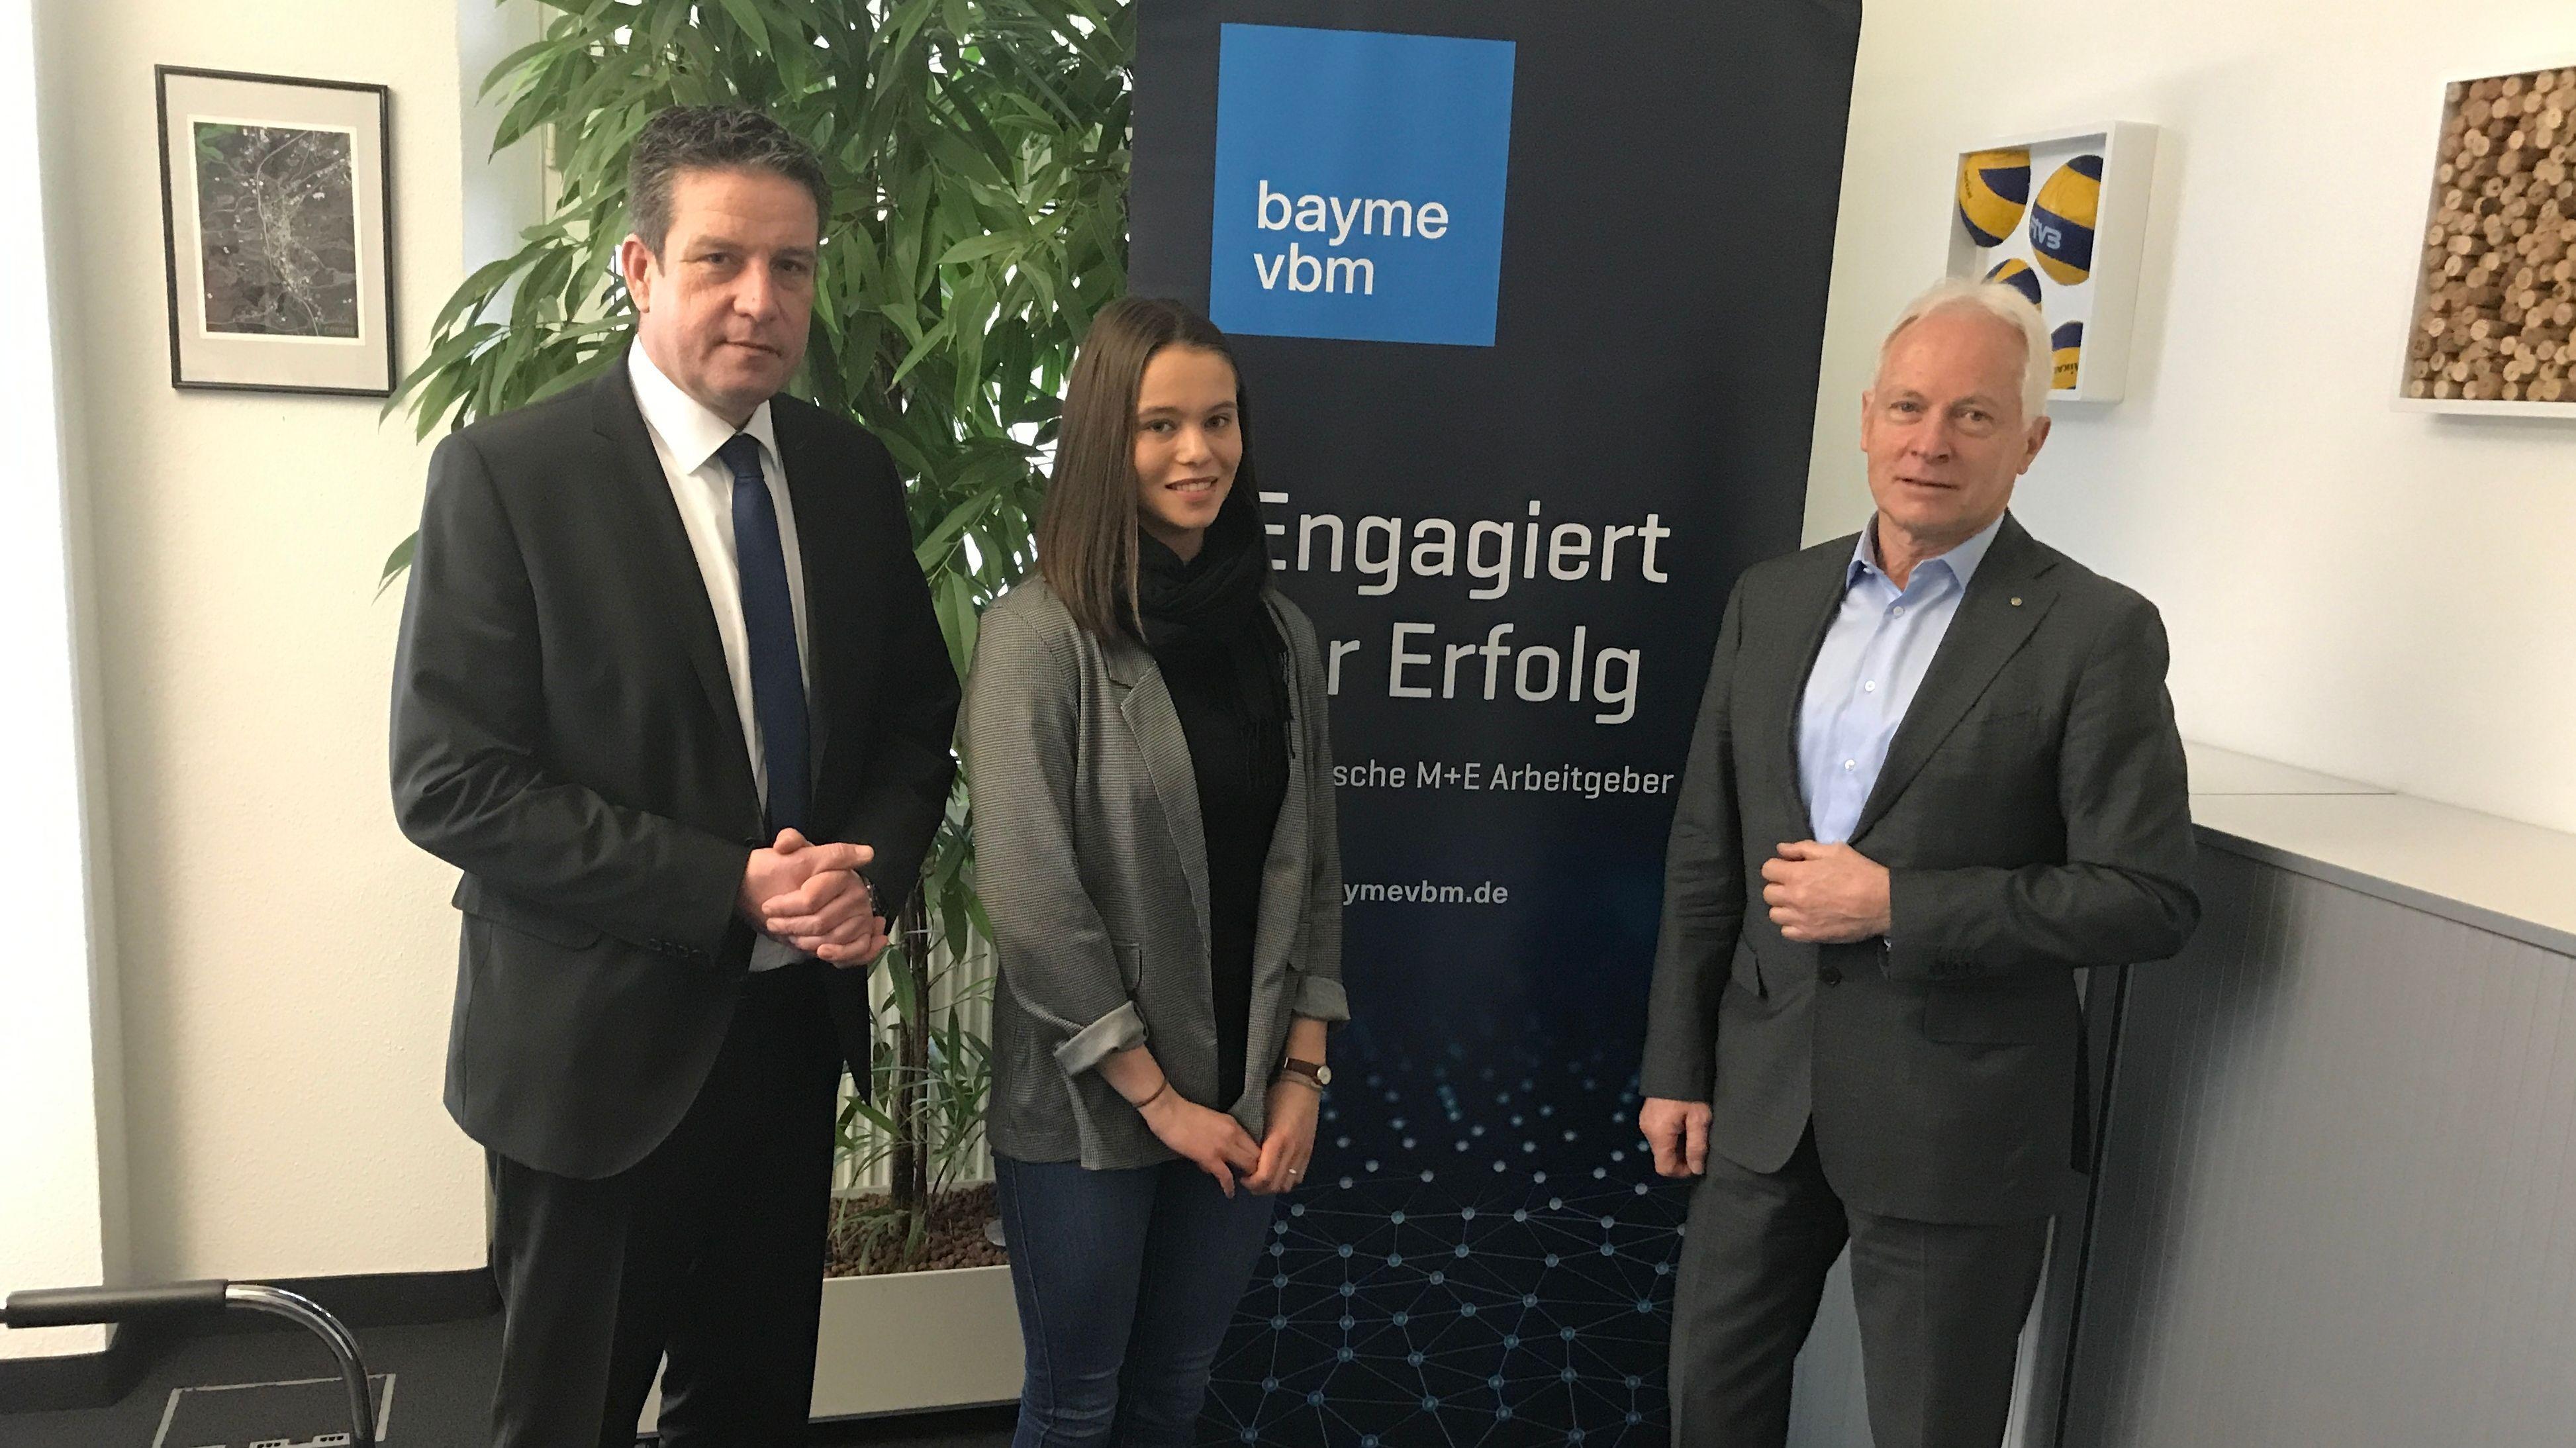 Martin Kapp, Geschäftsführer der Kapp Niles Unternehmensgruppe, steht mit zwei weiteren Personen vor einem Plakat.